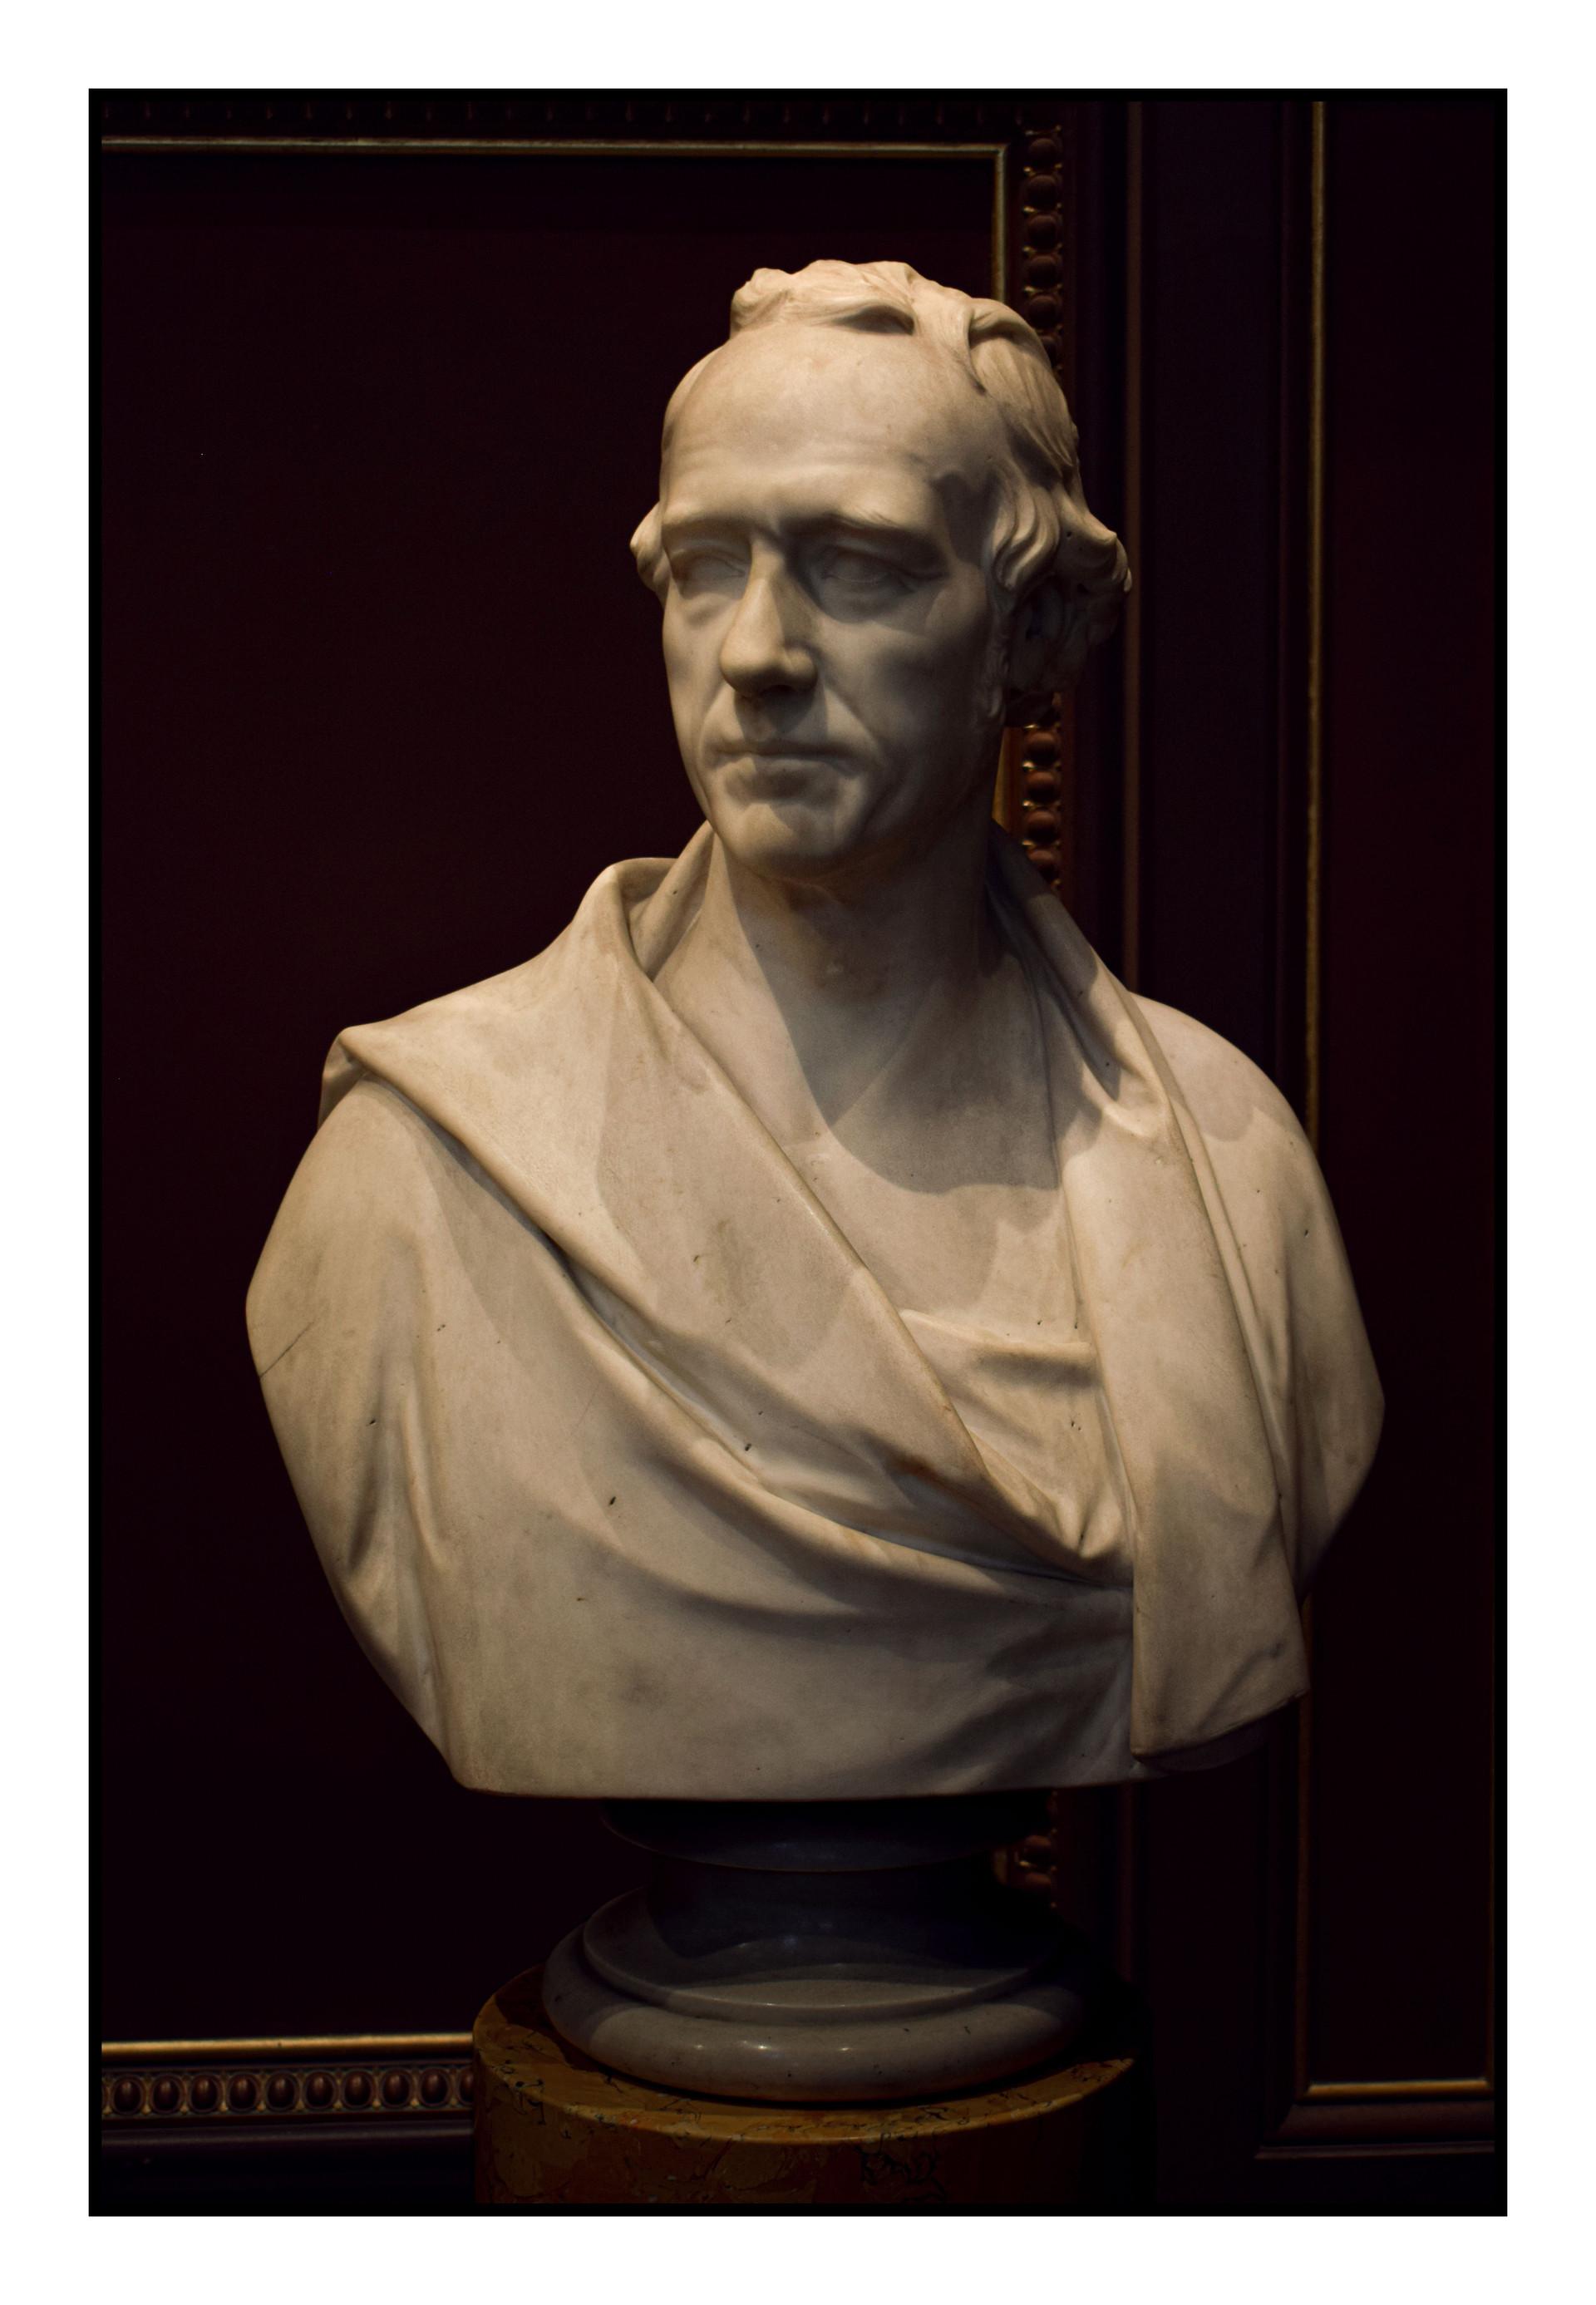 Bust of William Martin Leake by William Behnes - Fitzwilliam Museum, Cambridge, 2018